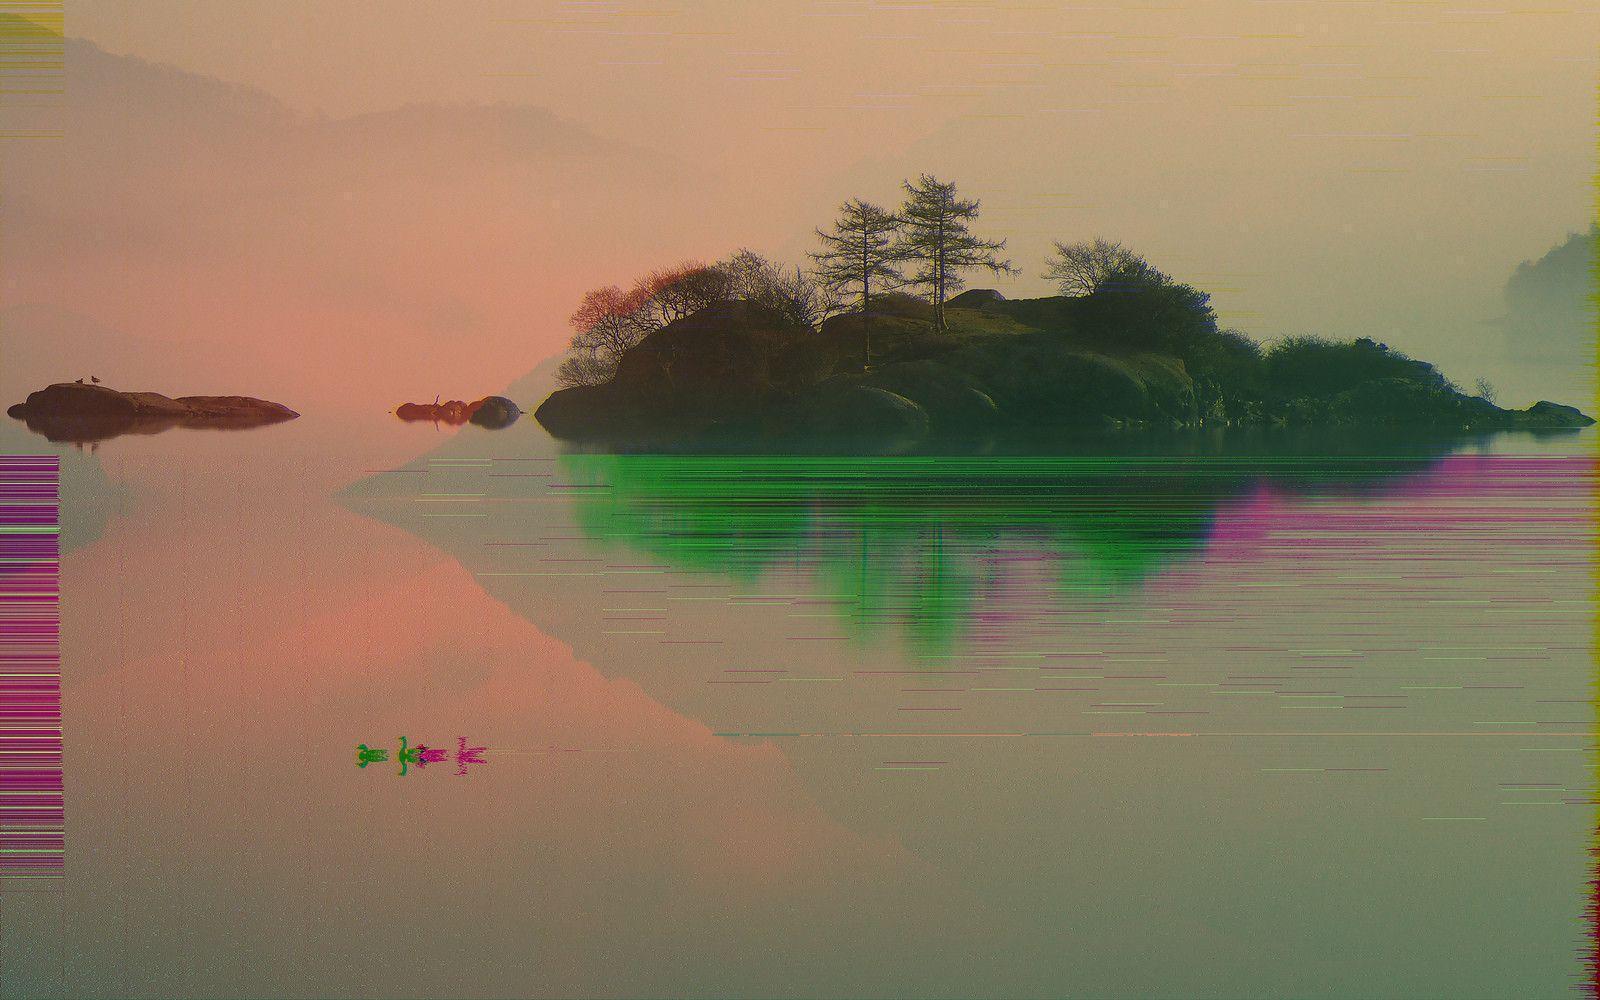 anime vaporwave